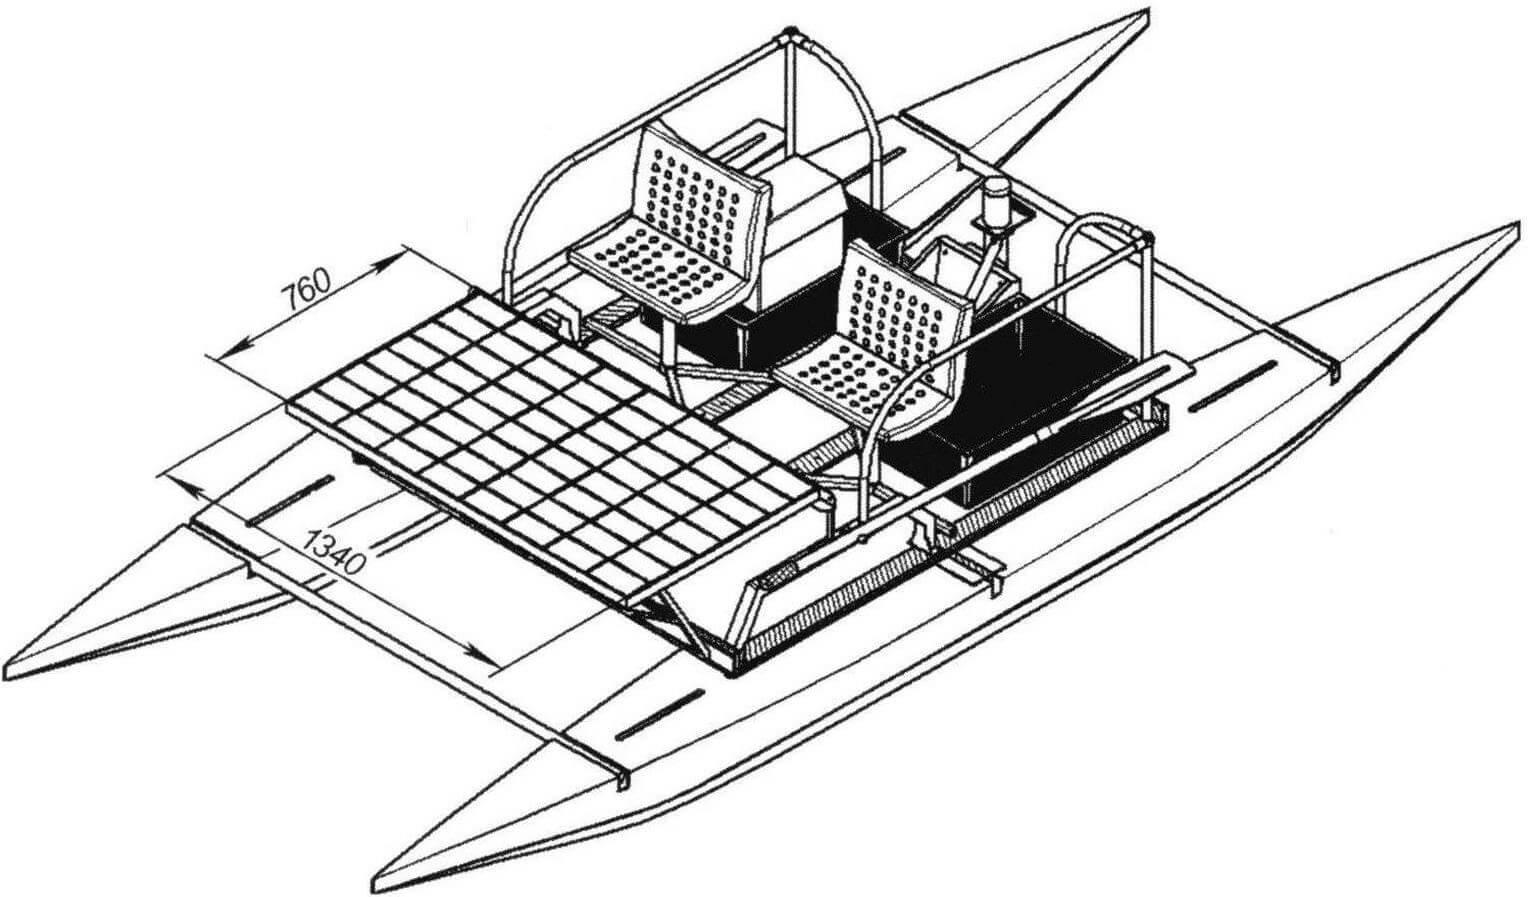 Компоновка катамарана с солнечной панелью и самодельным электромотором максимальной мощностью 300 Вт